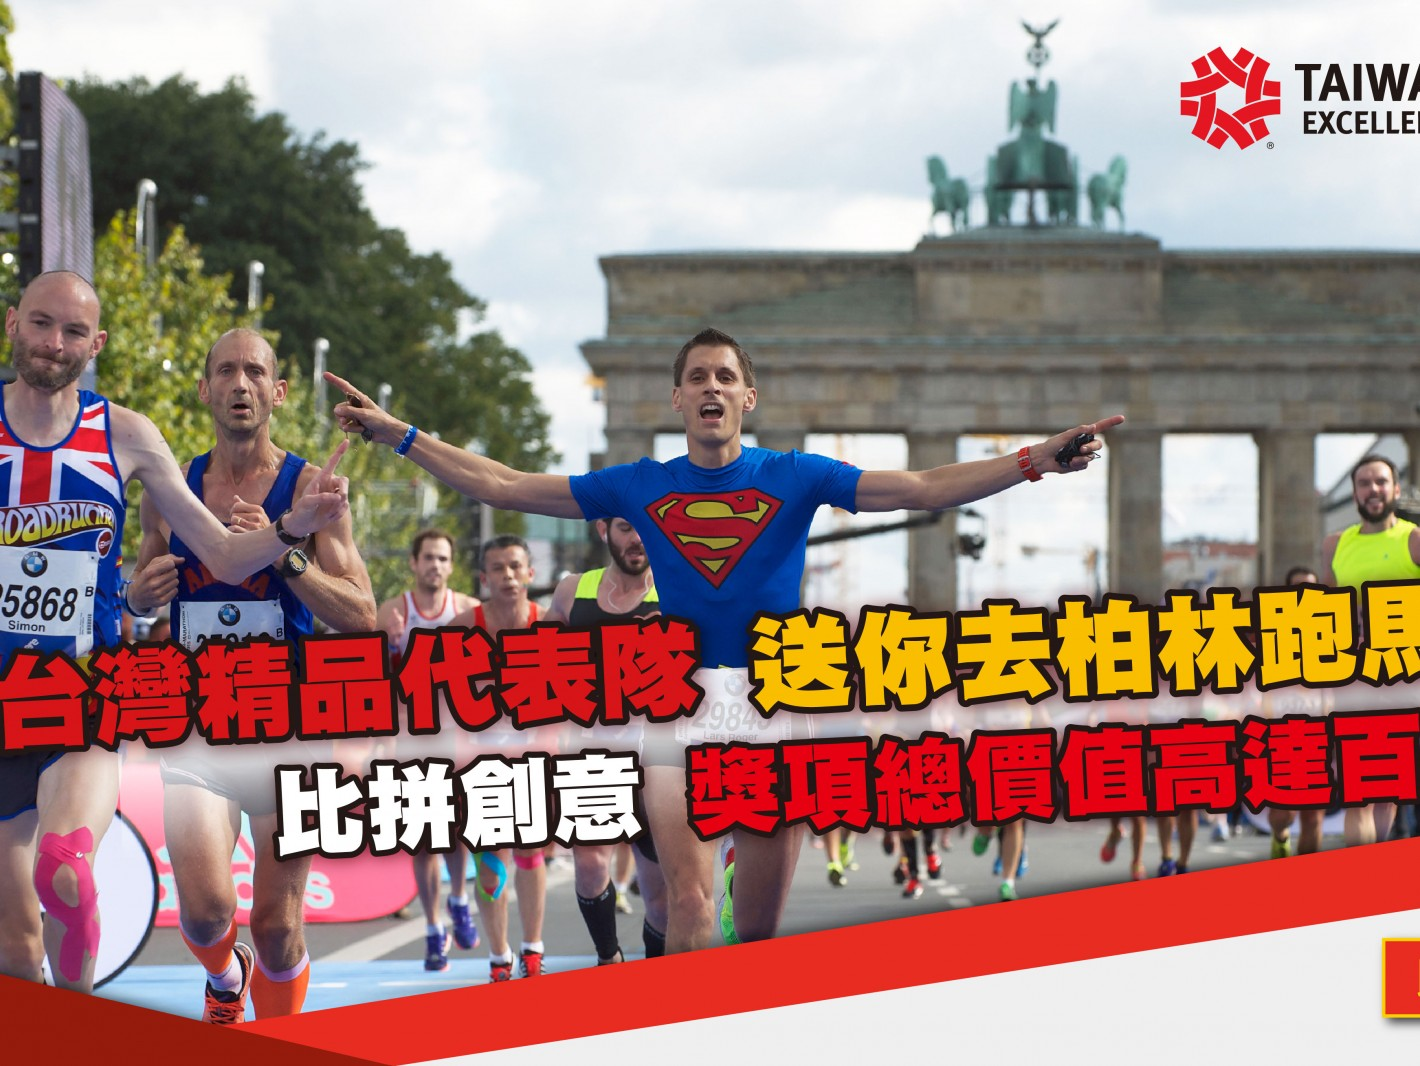 台灣精品「柏林馬拉松台灣精品代表隊」5月16日起開始徵選,獎項總價值高達百萬。